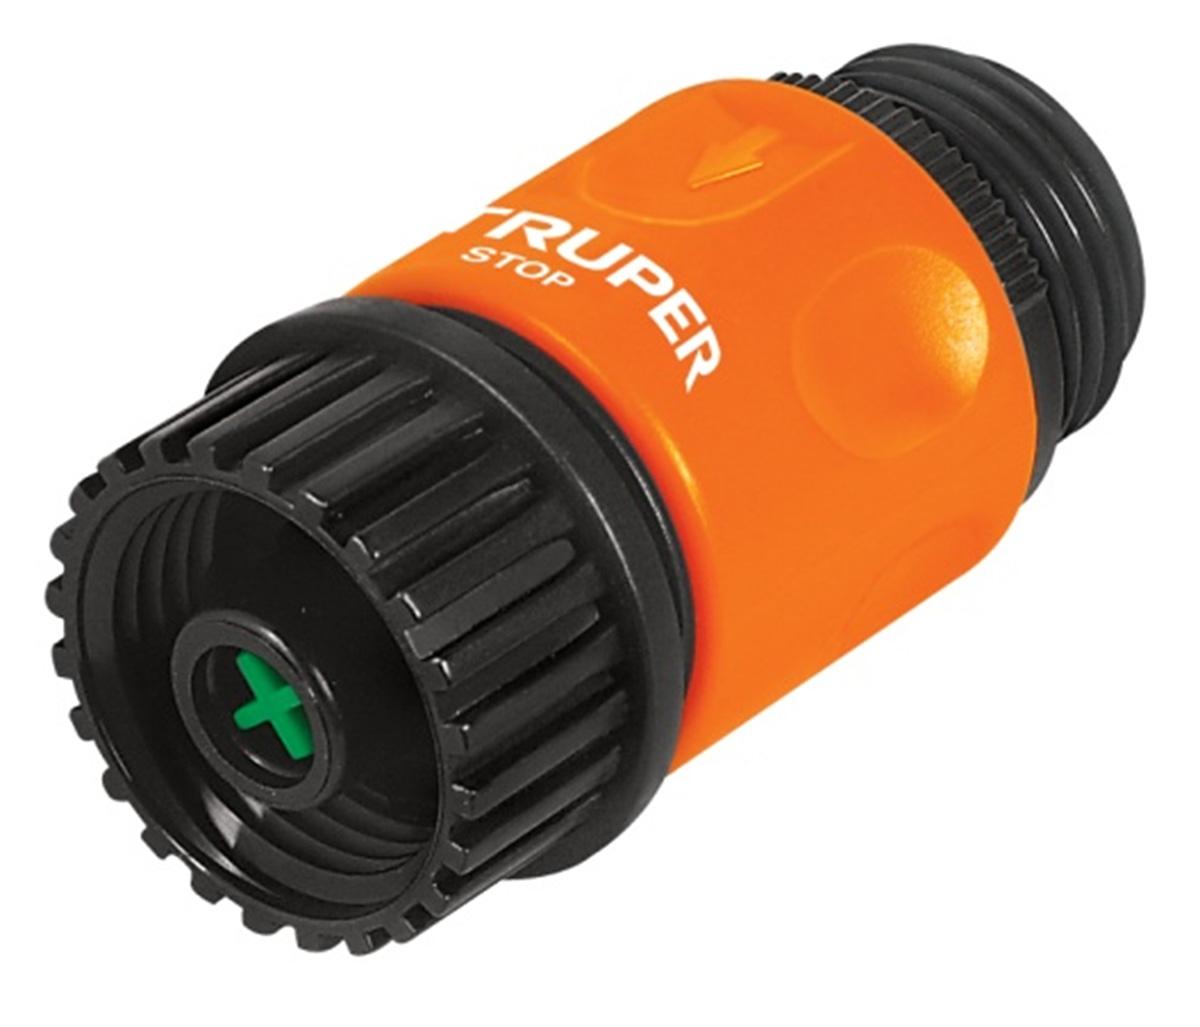 Коннектор для шланга Truper, быстрозащелкивающийся, аквастоп, 3/4CLICK-ACCШланговый коннектор Truper, выполненный из пластика, предназначен для быстрого и многократного присоединения и отсоединения шланга к насадкам или крану. Оснащен удобной муфтой для лучшего соединений. Аквастоп для безопасного разъединения насадок и шланга.